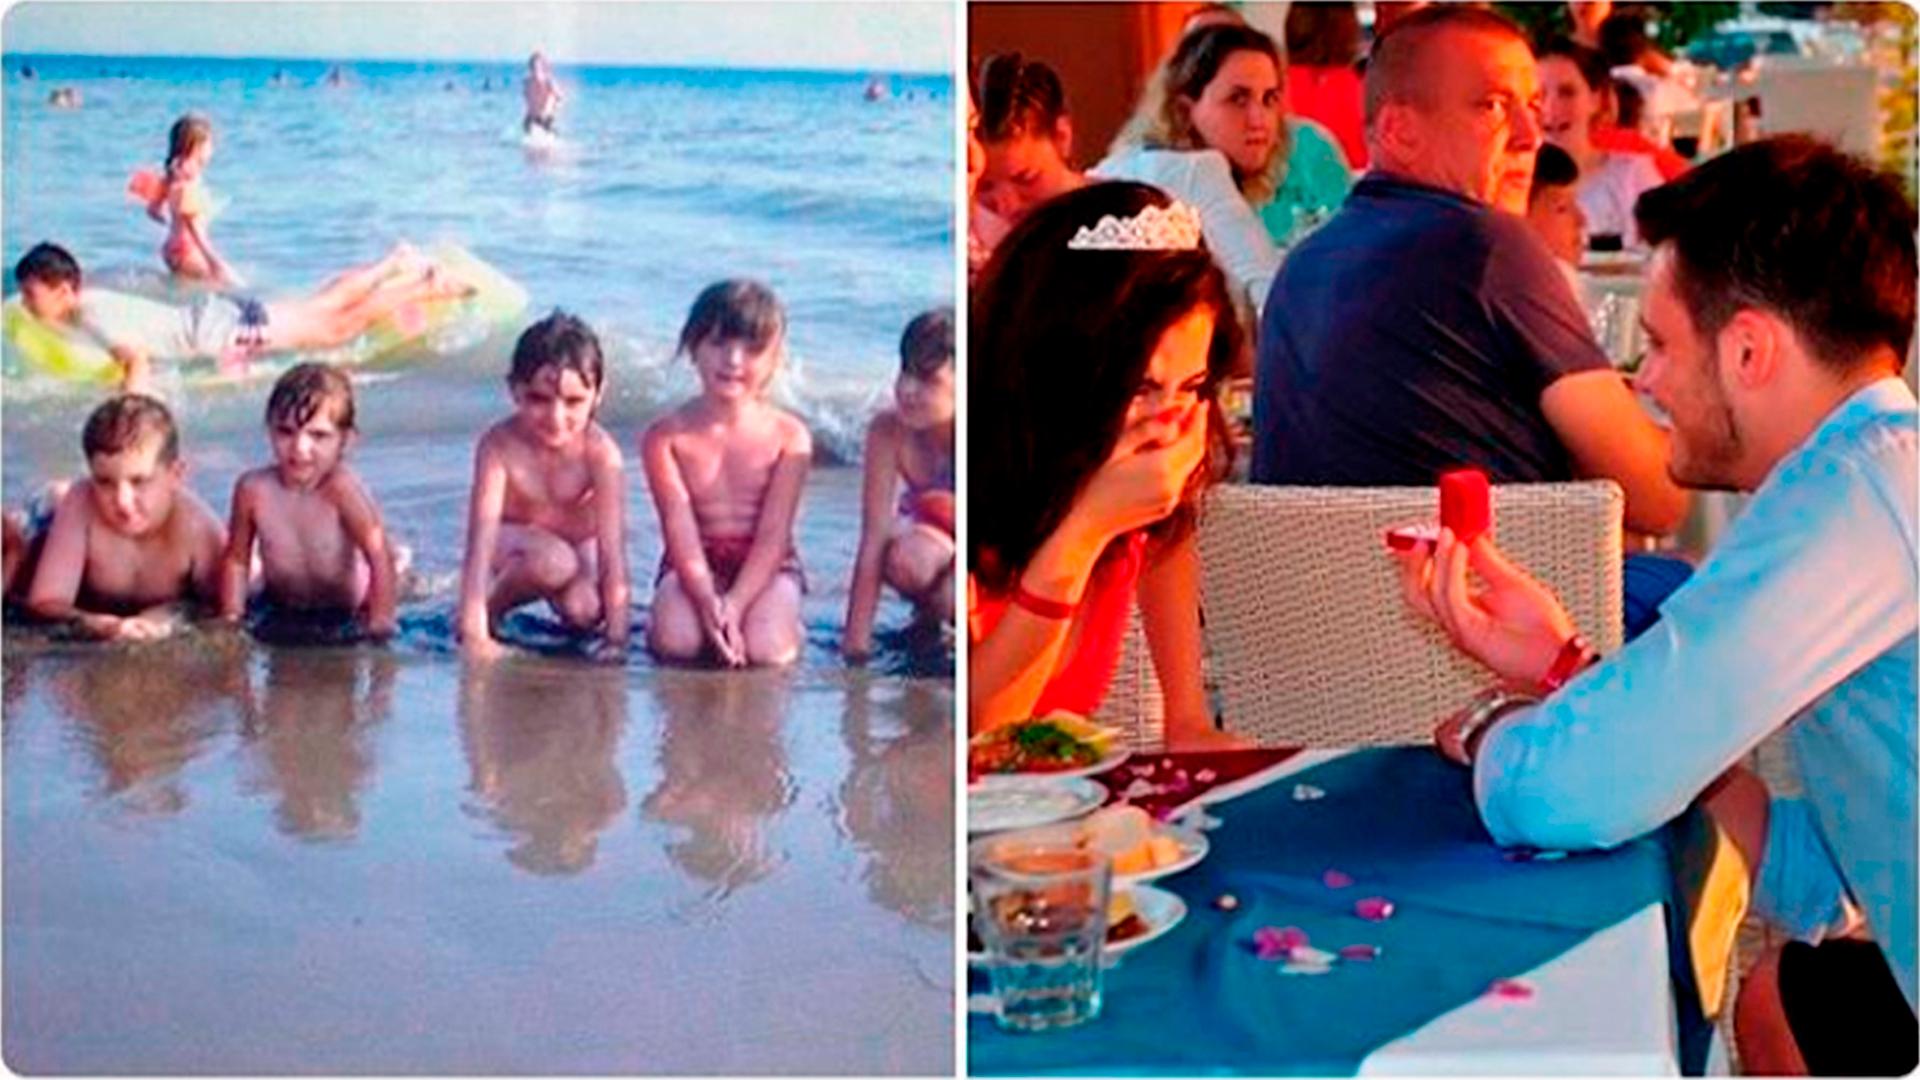 La foto de unas vacaciones familiares en Montenegro escondía un secreto (@veronavanity)